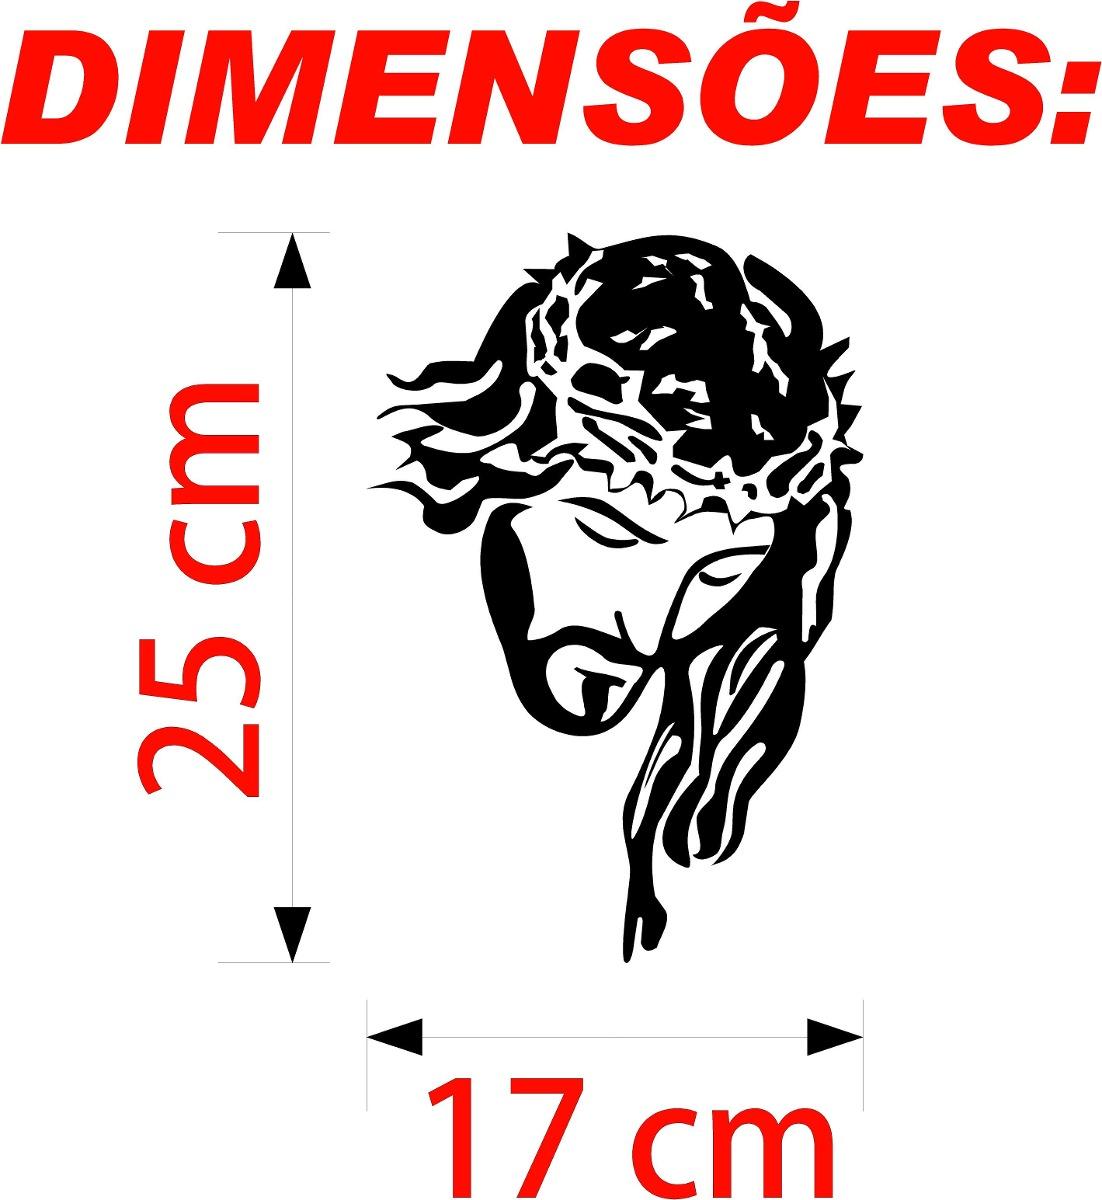 Adesivo Jesus Cristo Carro Caminh u00e3o Moto Casa Frete R$5,90 R$ 11,50 em Mercado Livre